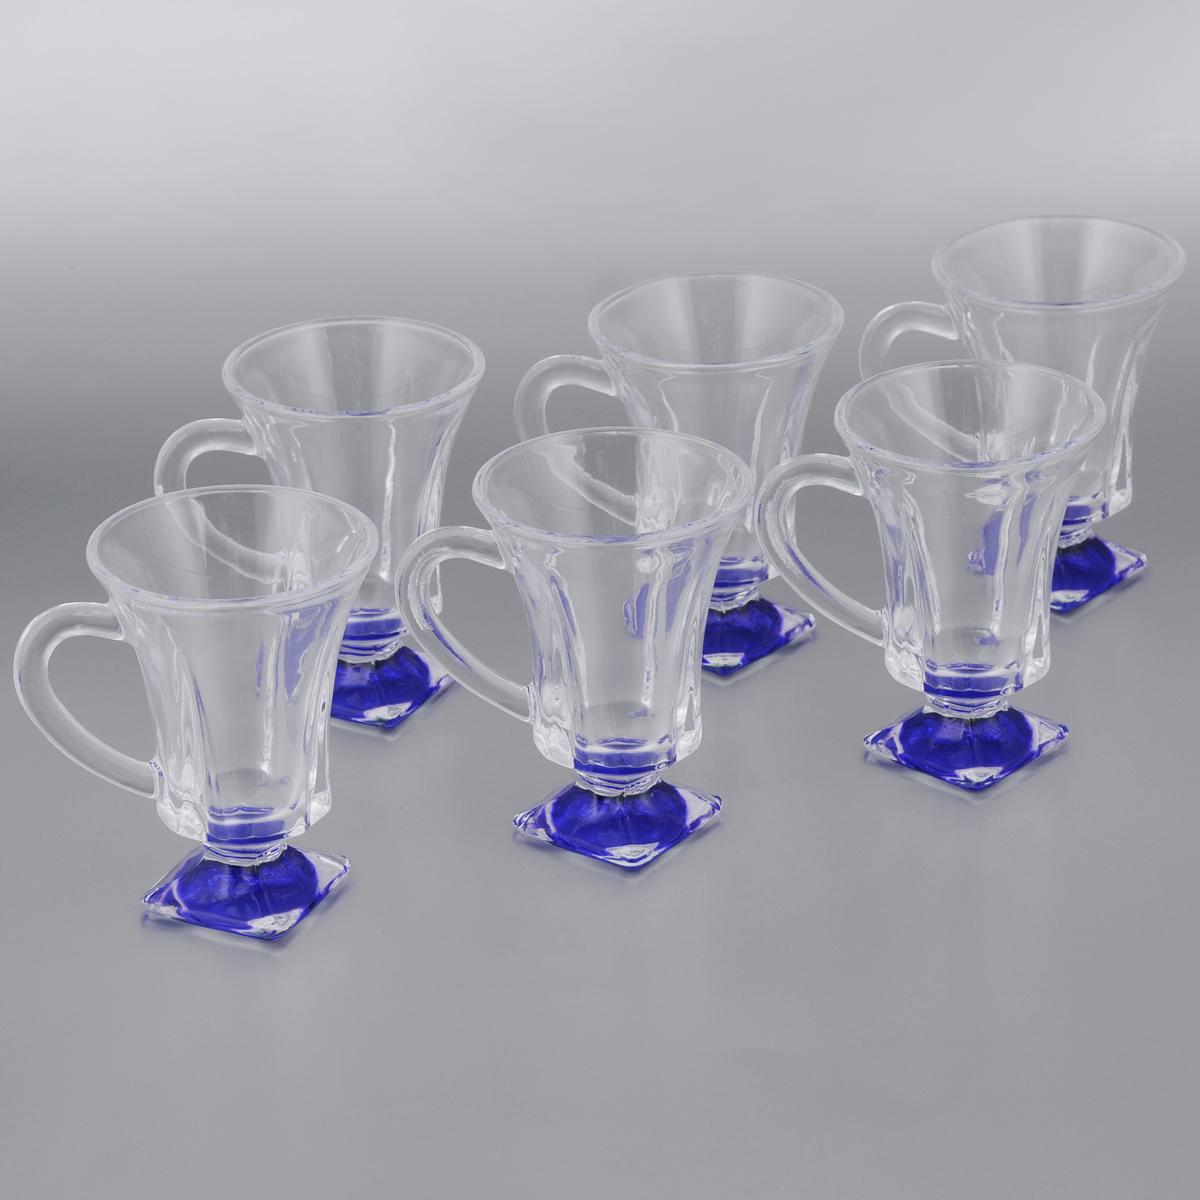 Набор стаканов для глинтвейна Mayer & Boch Loraine, цвет: прозрачный, синий, 150 мл, 6 шт20220_синийНабор Mayer & Boch Loraine состоит из шести стаканов, выполненных из прочного стекла. Предметы набора имеют цветную ножку и декорированы рельефом. Они излучают приятный блеск и издают мелодичный звон. Для удобства изделия оснащены изящной ручкой. Набор Mayer & Boch Loraine прекрасно оформит интерьер кабинета или гостиной и станет отличным дополнением бара. Такой набор также станет хорошим подарком к любому случаю. Диаметр стакана (по верхнему краю): 8 см. Высота стакана: 11 см.